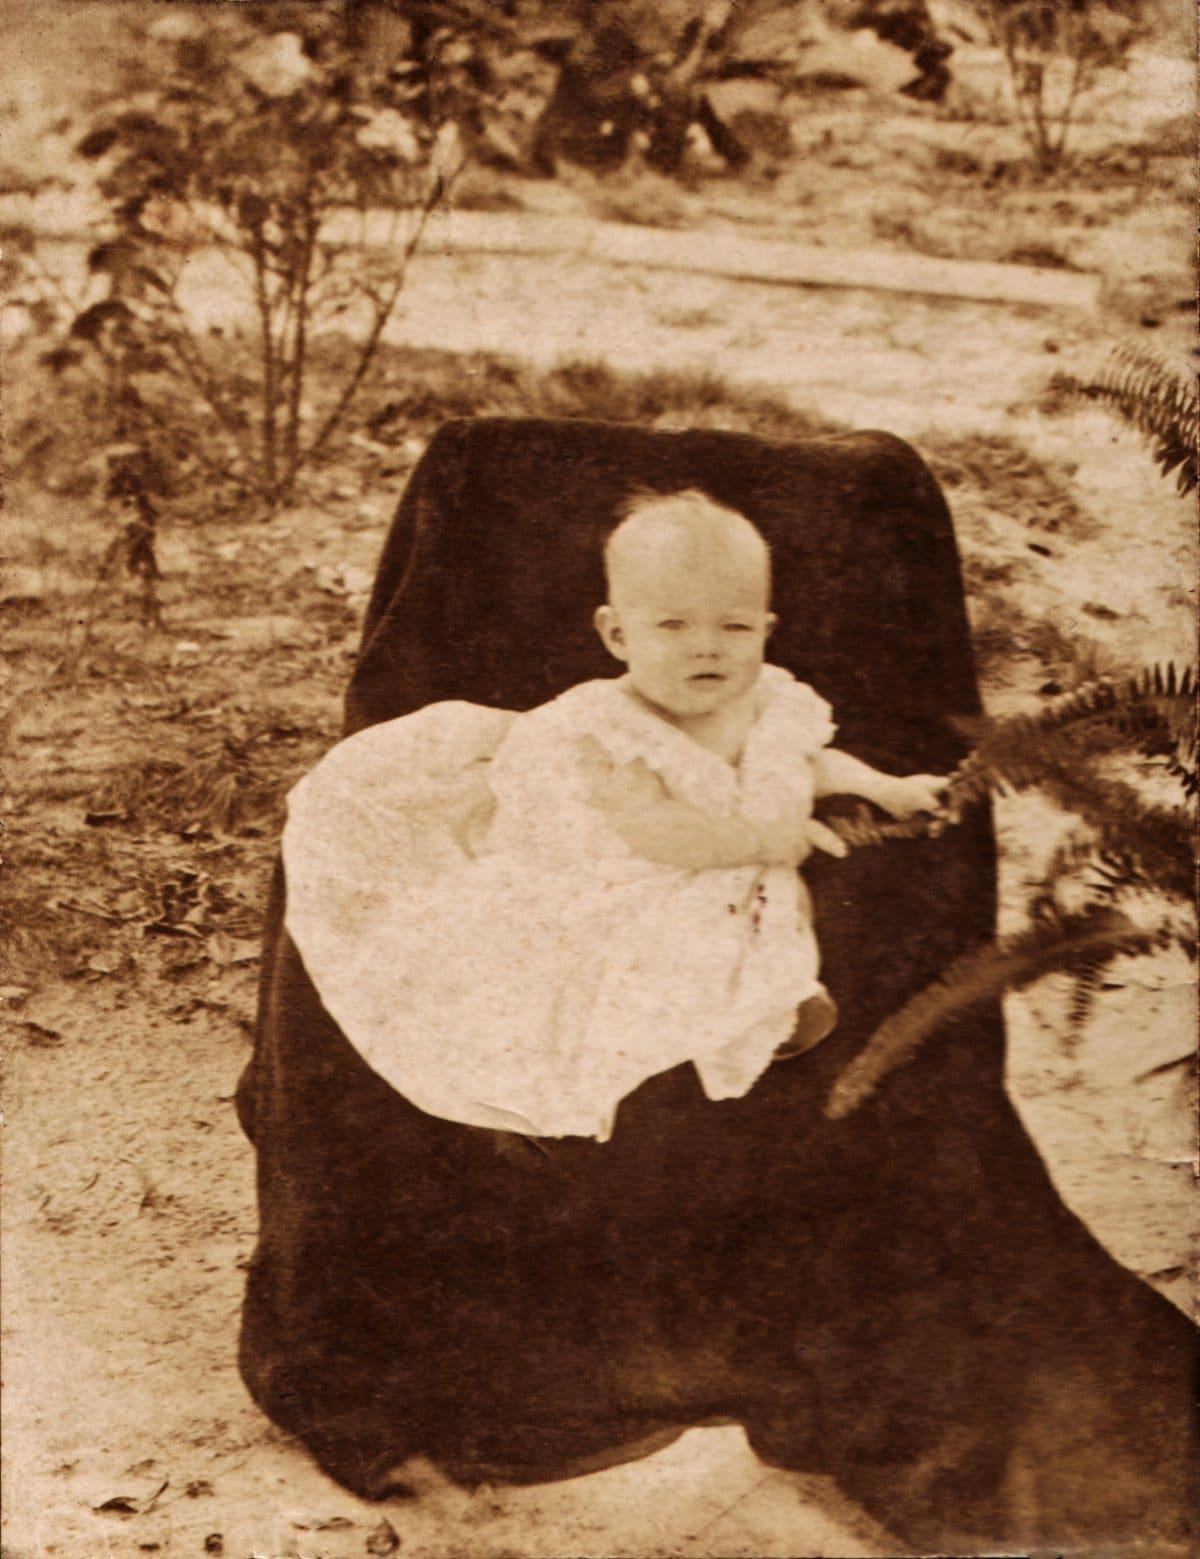 Lula Ceil Johnston - 6 mos old